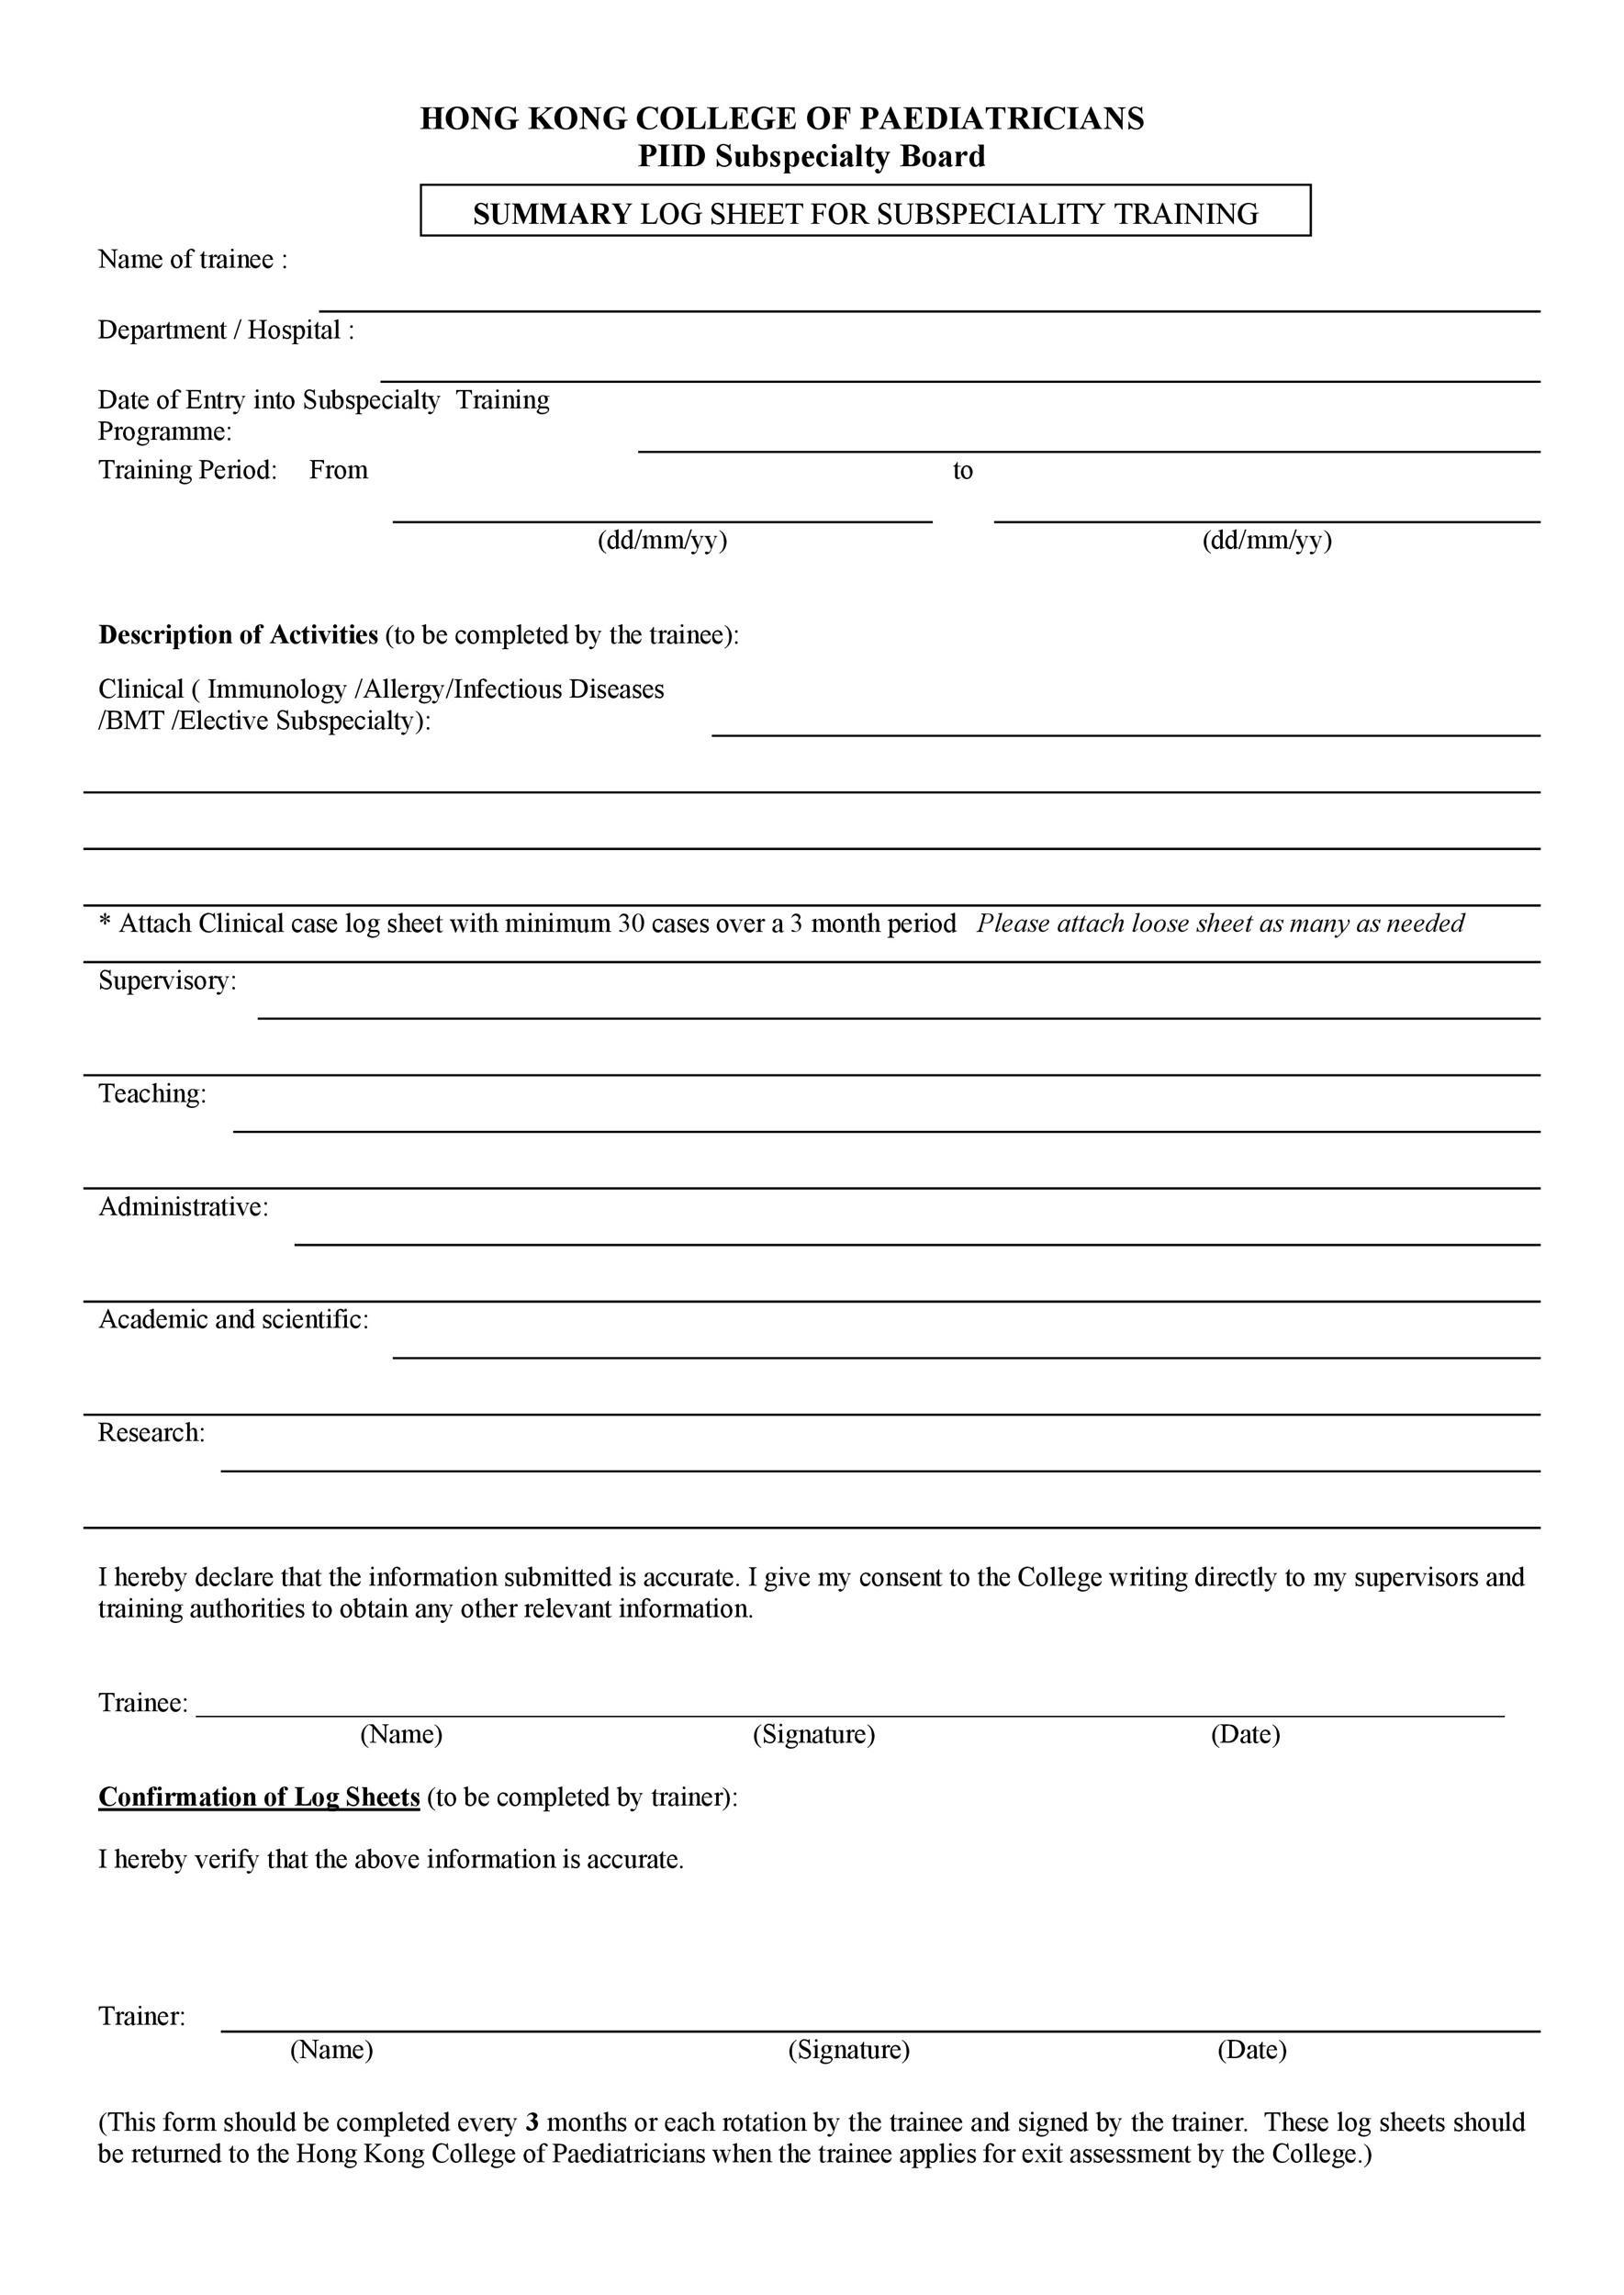 Free log sheet 09